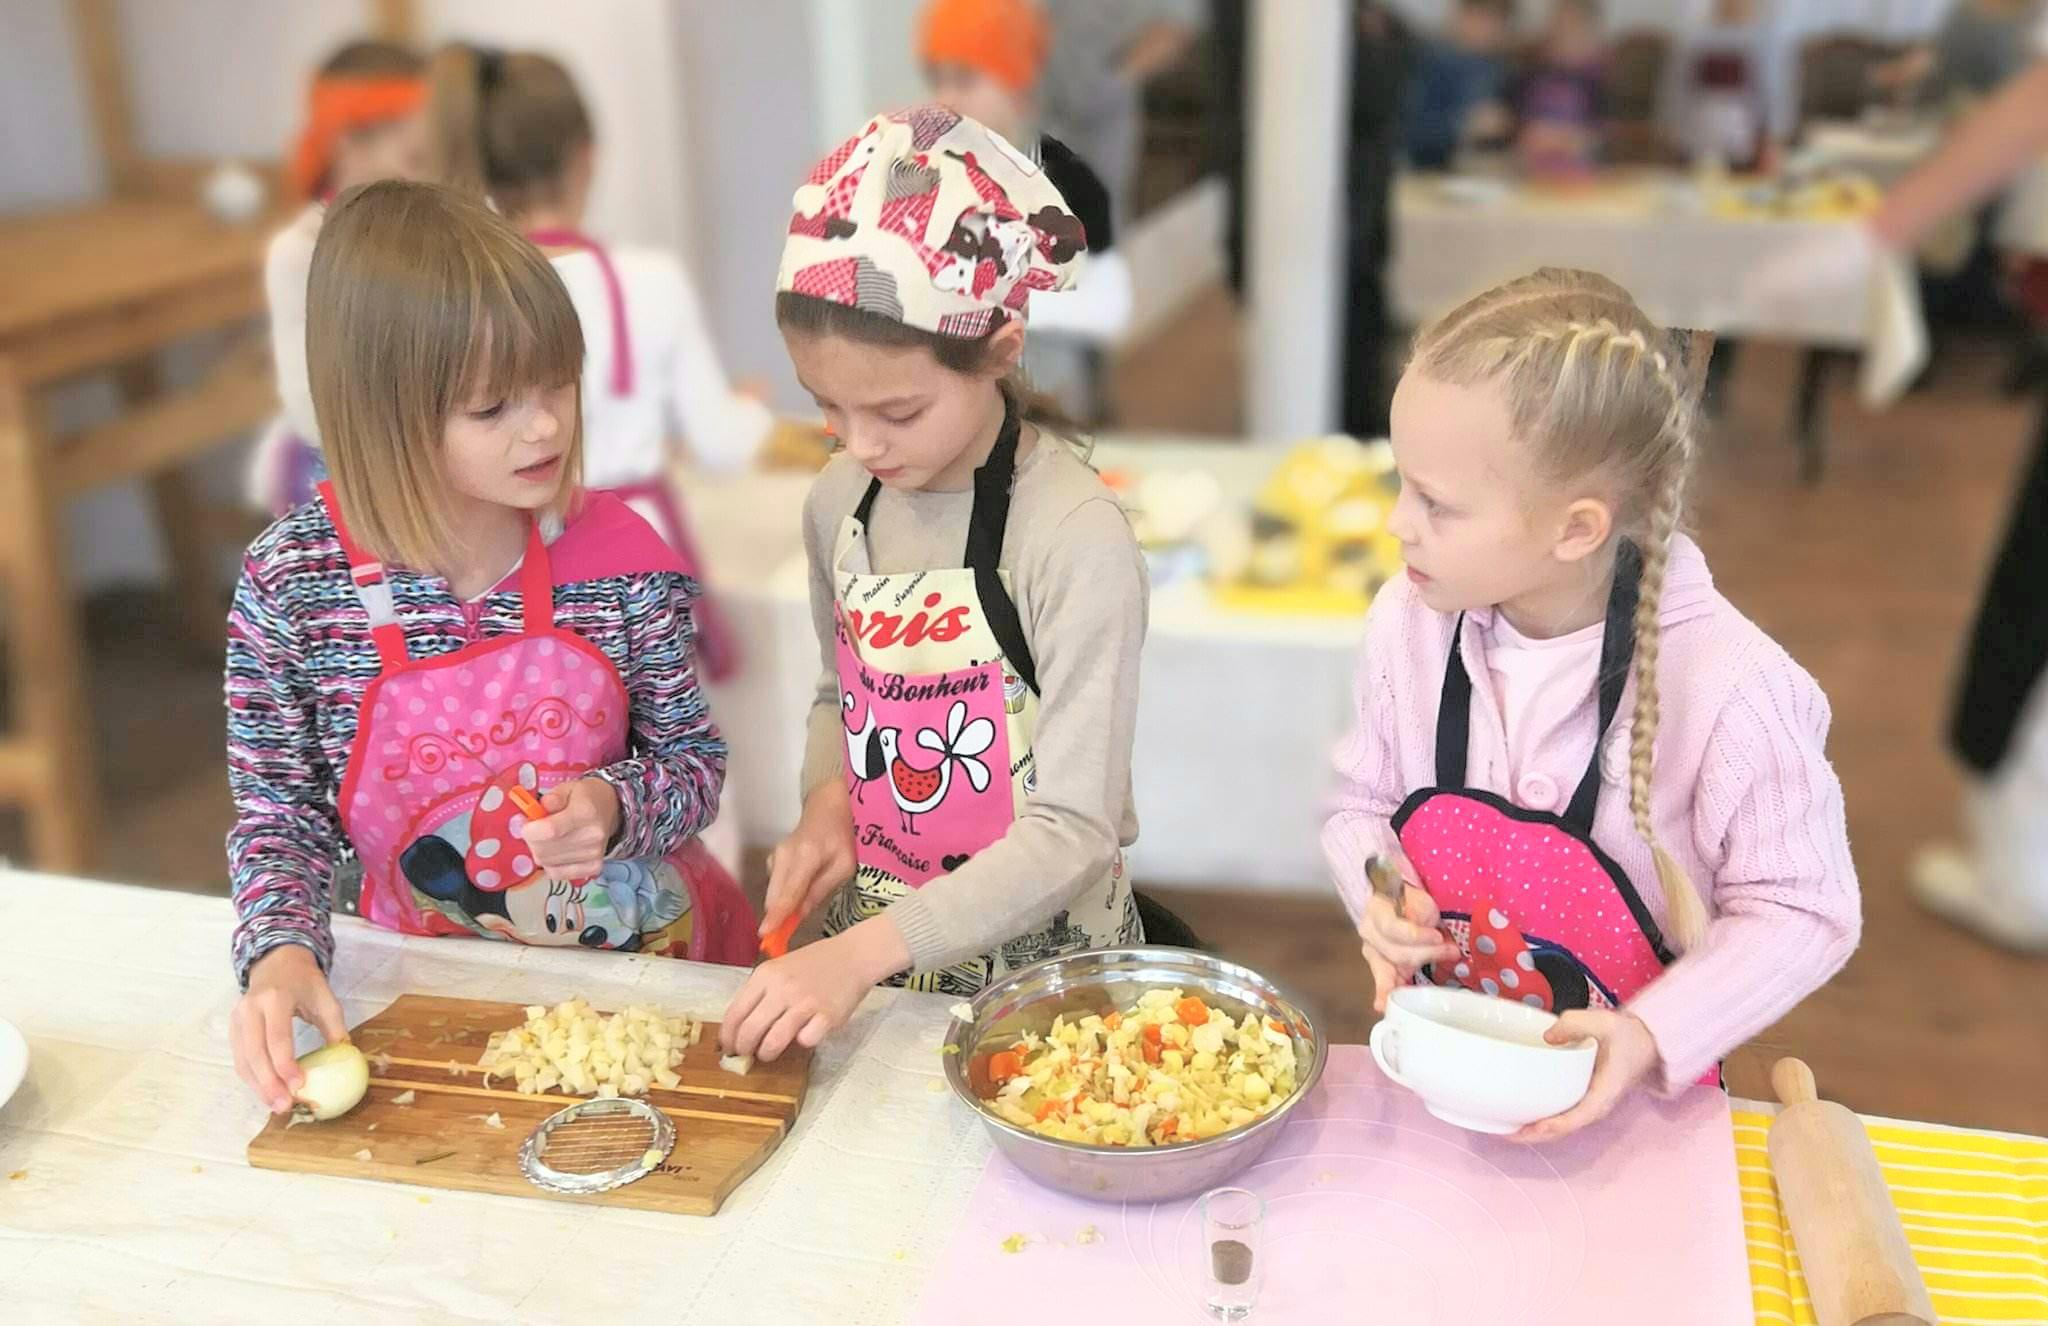 Odkrywamy talenty - Czyli warsztaty kulinarne dla najmłodszych.